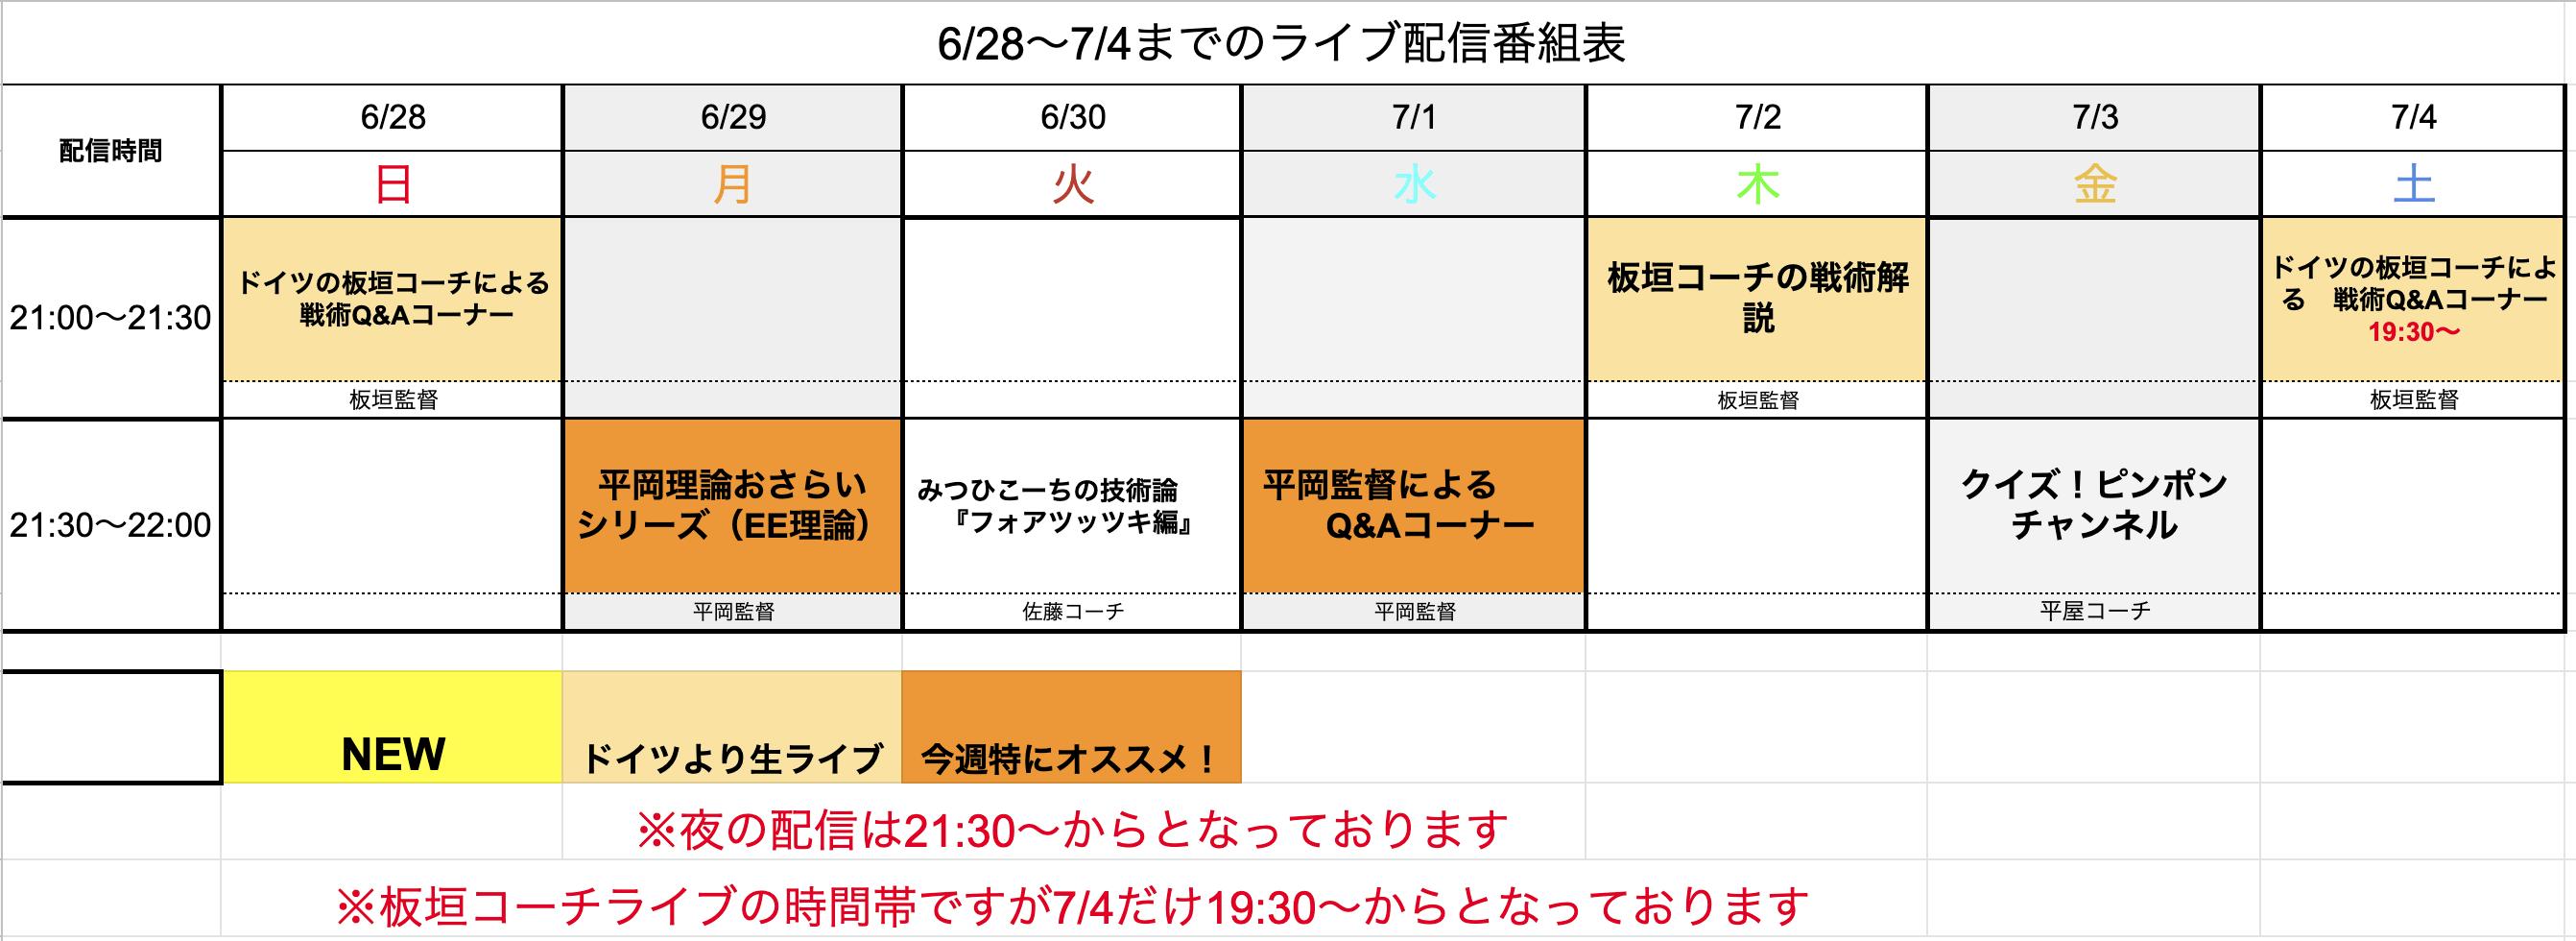 【ライブ番組表まとめ】6/28〜7/4のライブ番組表公開しました!